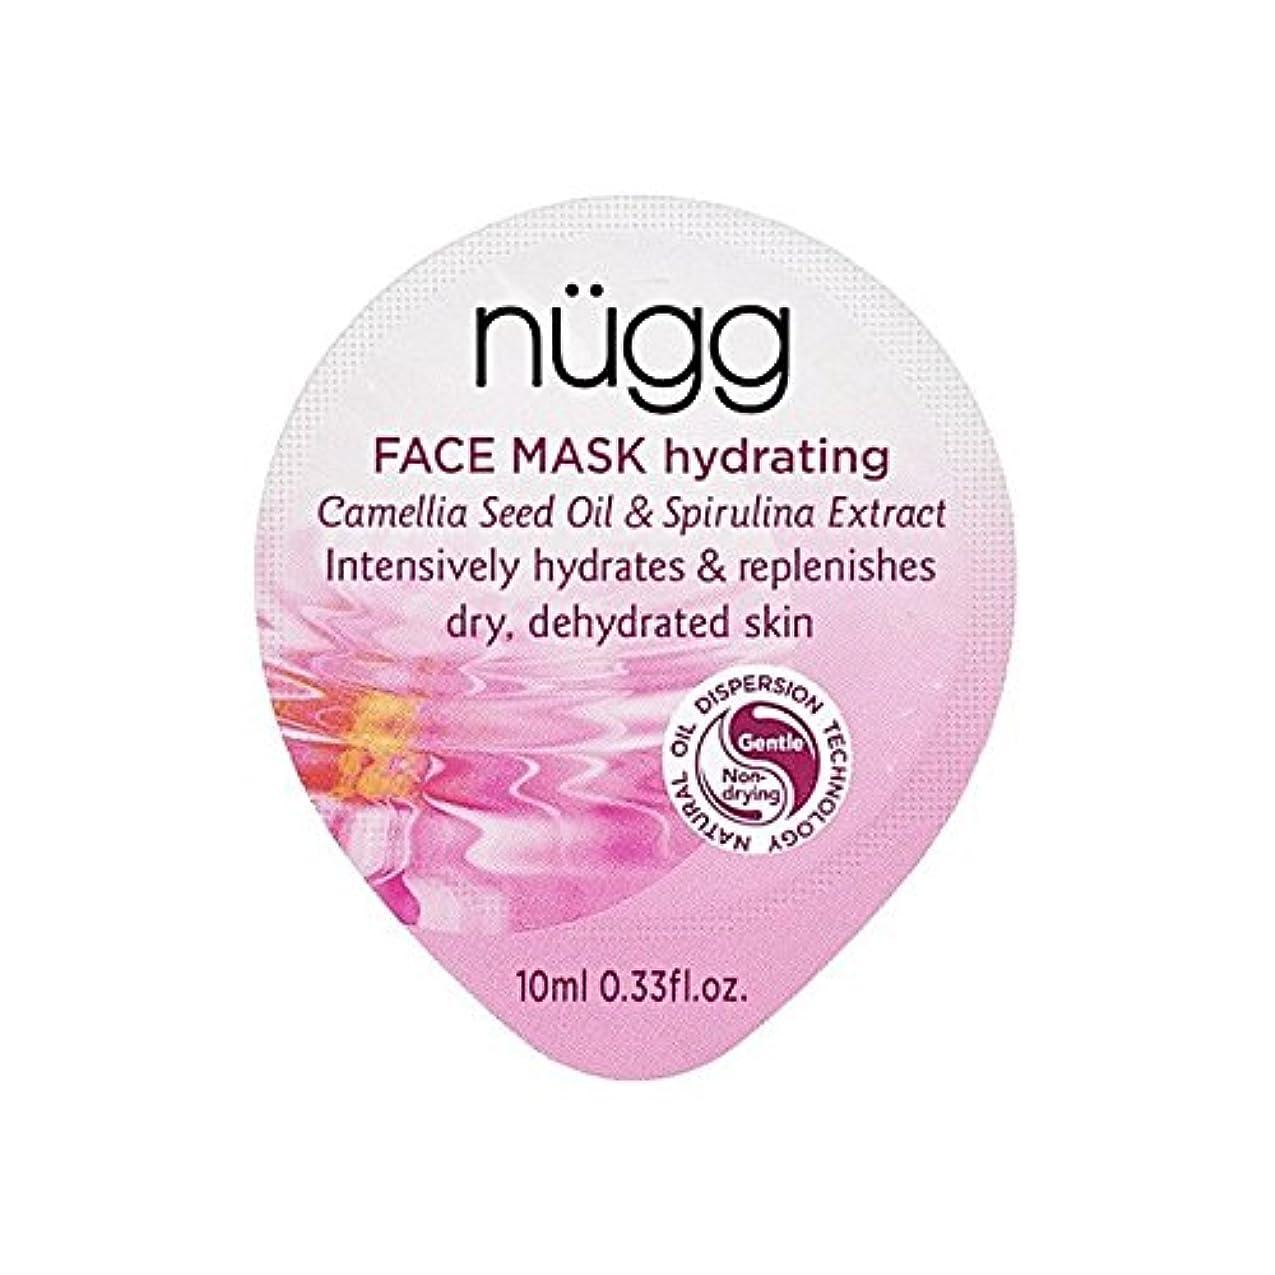 面積ウォーターフロント解任水和フェイスマスク x2 - Nugg Hydrating Face Mask (Pack of 2) [並行輸入品]